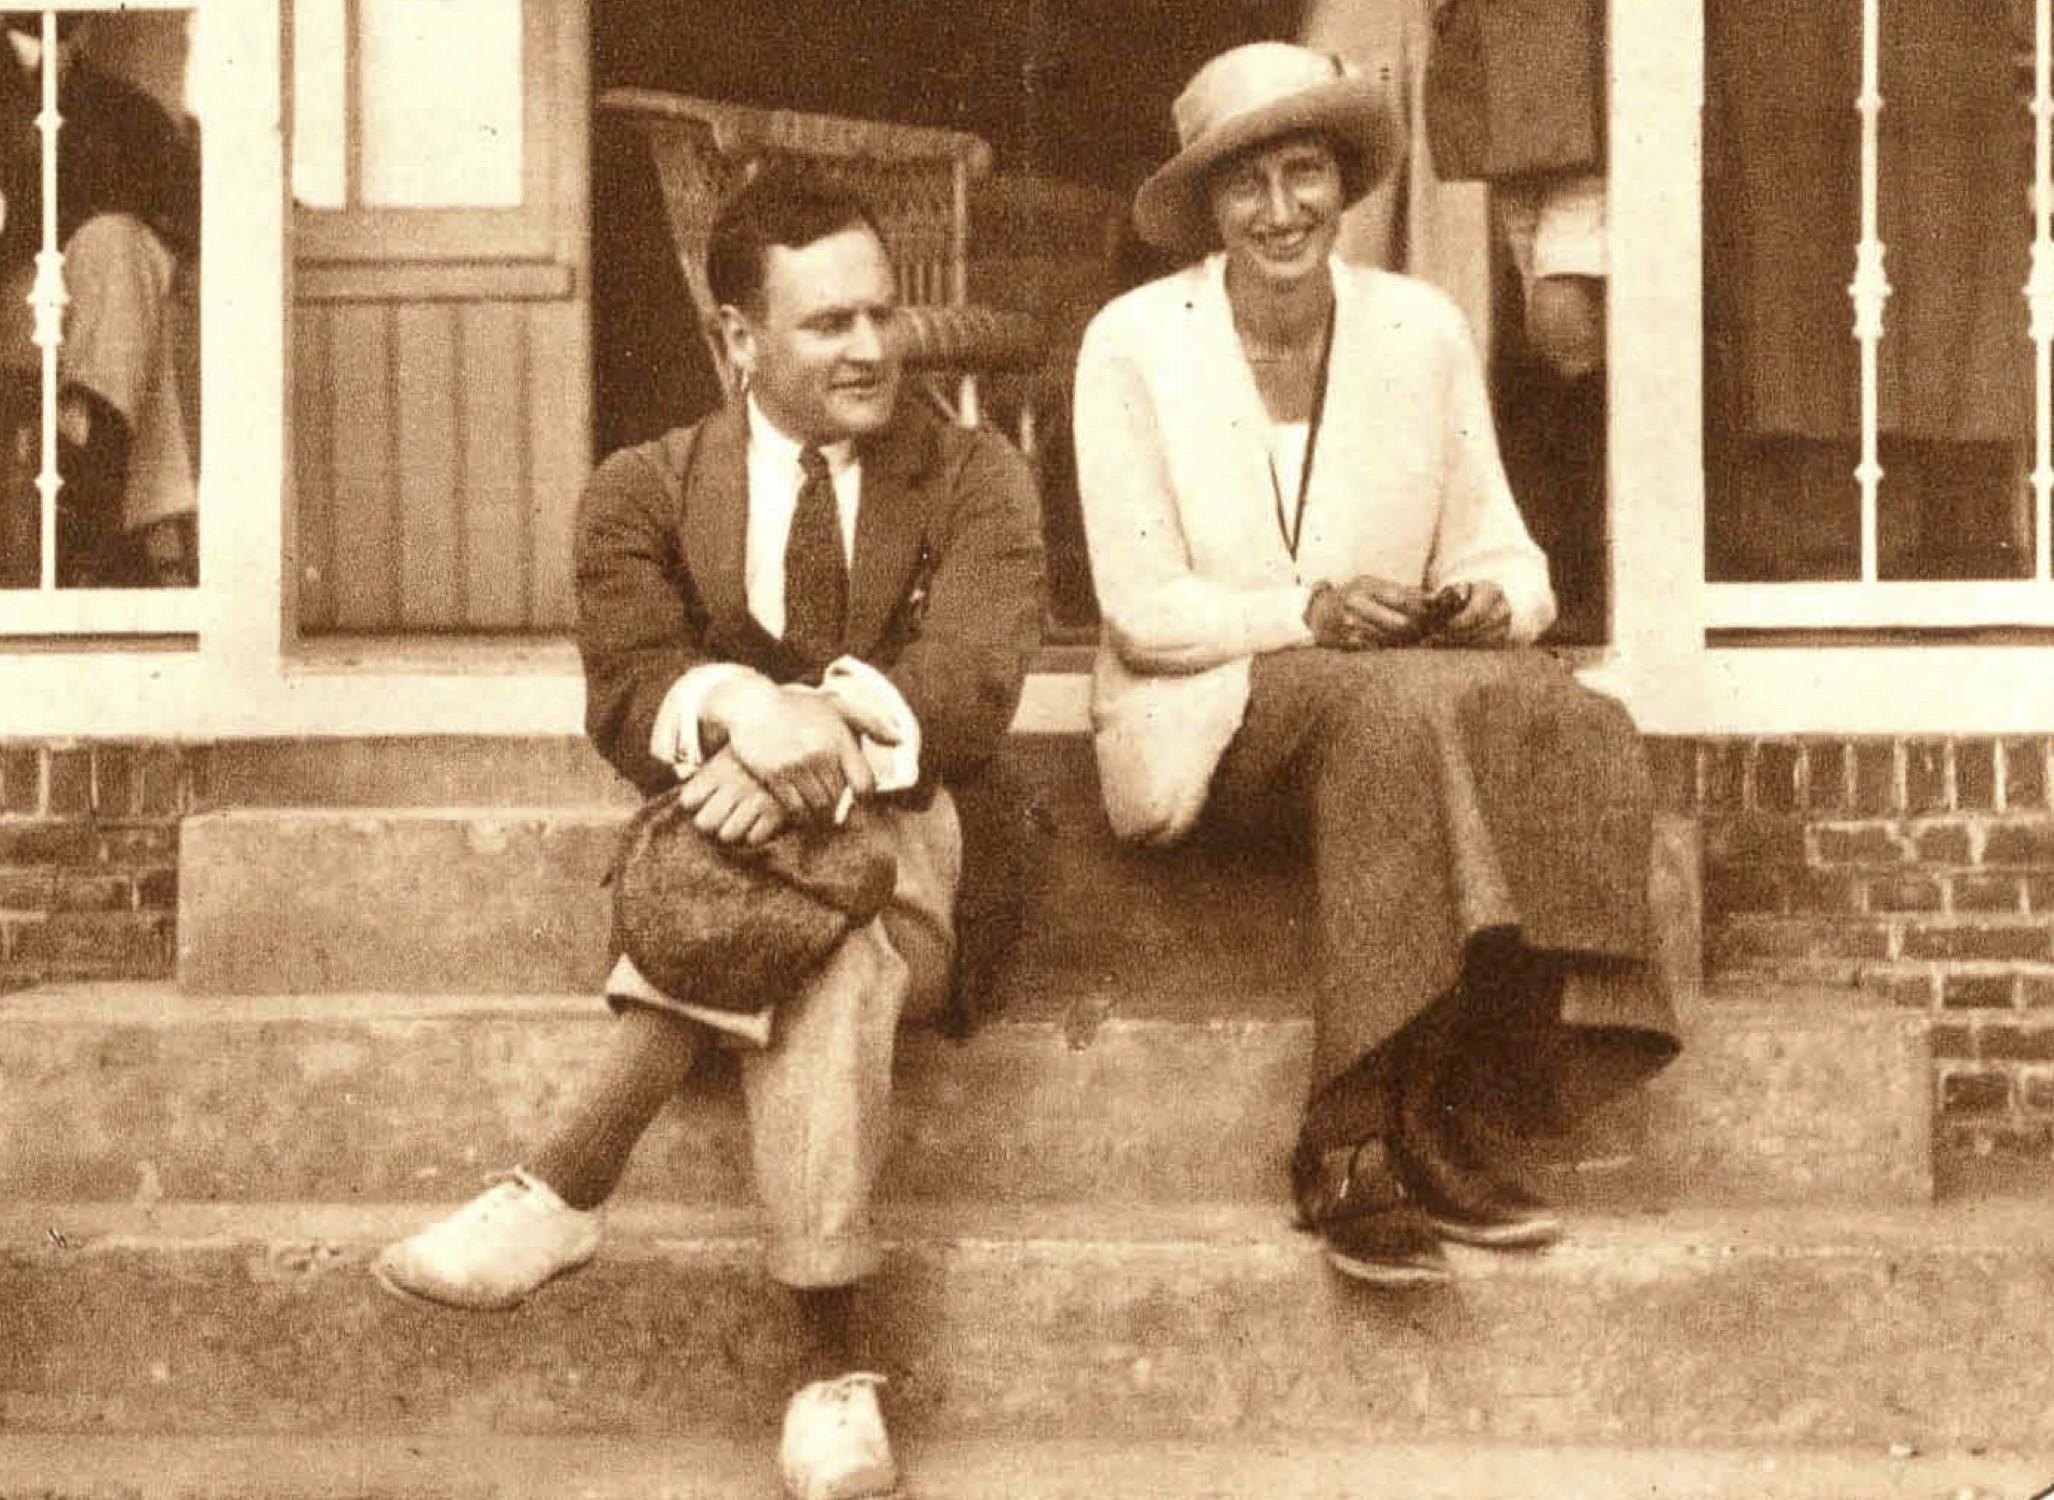 Kampioenen B. van Tienhoven en G.M. Del Court - 1923